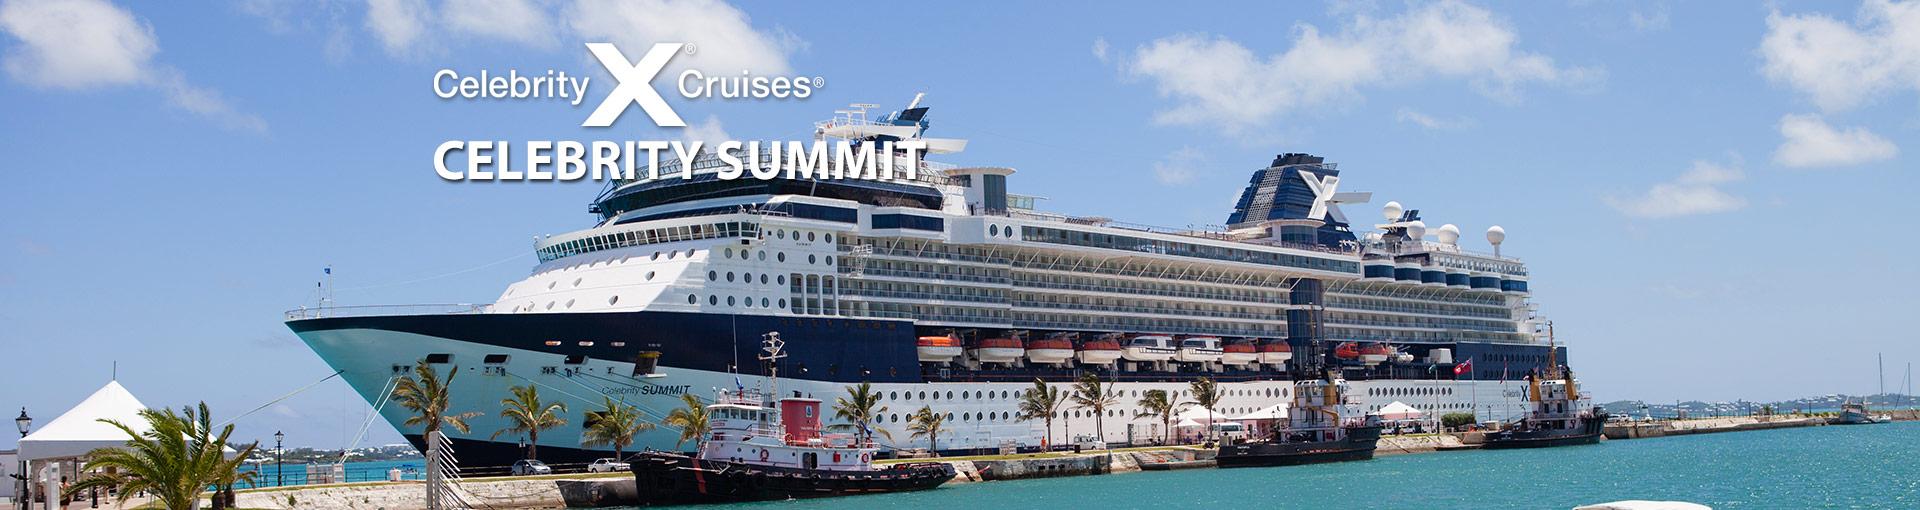 Celebrity Summit Banner